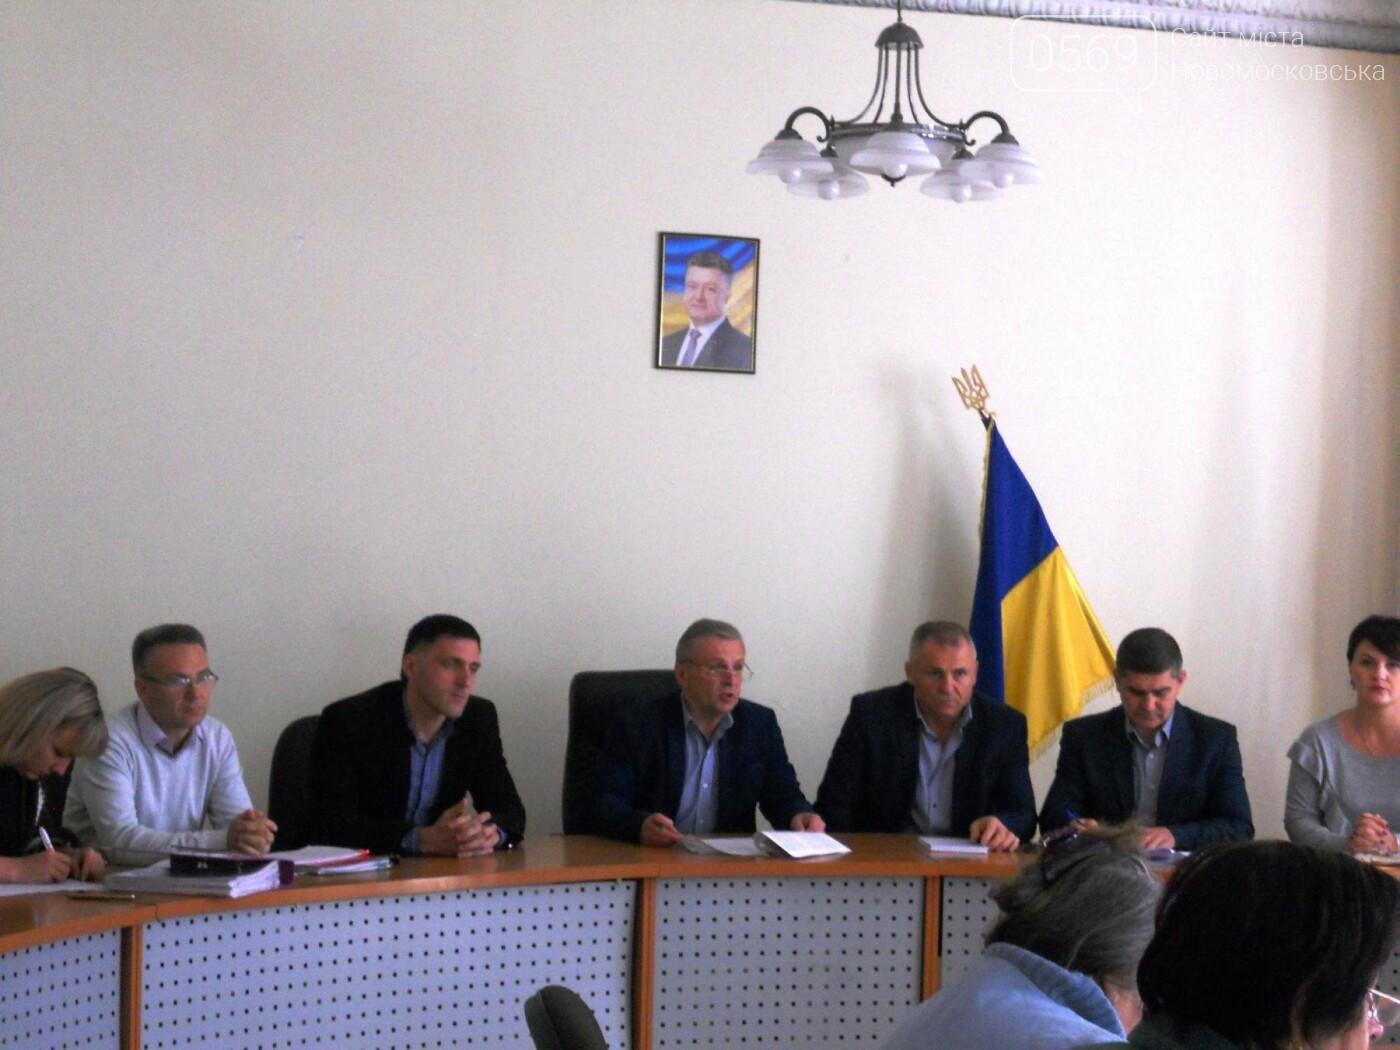 В Новомосковске состоялся круглый стол по вопросу объединения громад, фото-4